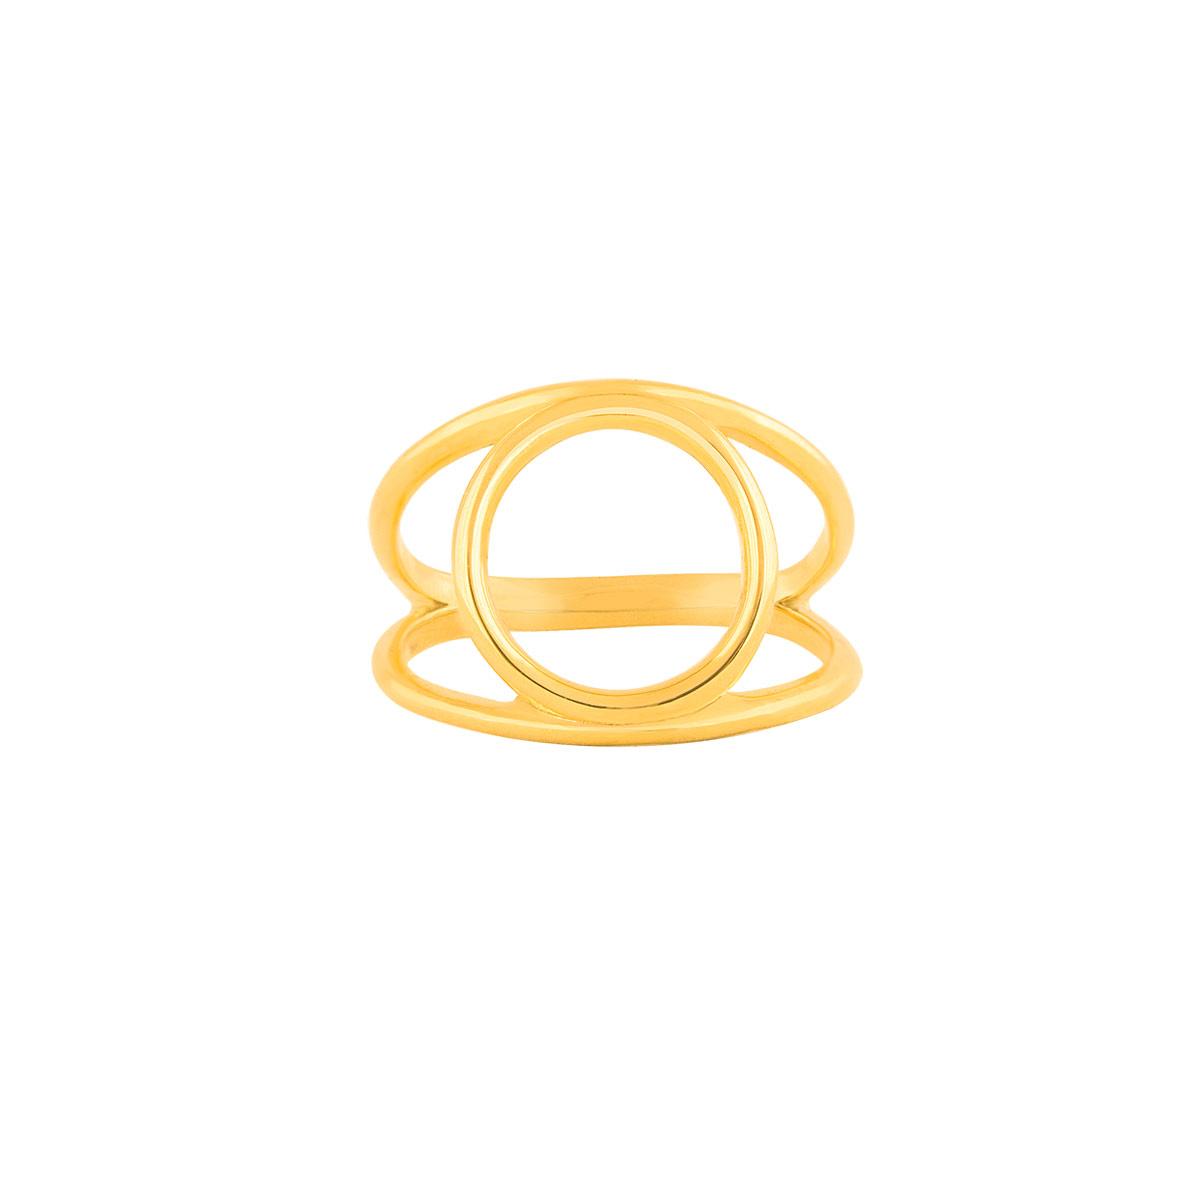 انگشتر طلا دایره و دو رینگ دامله